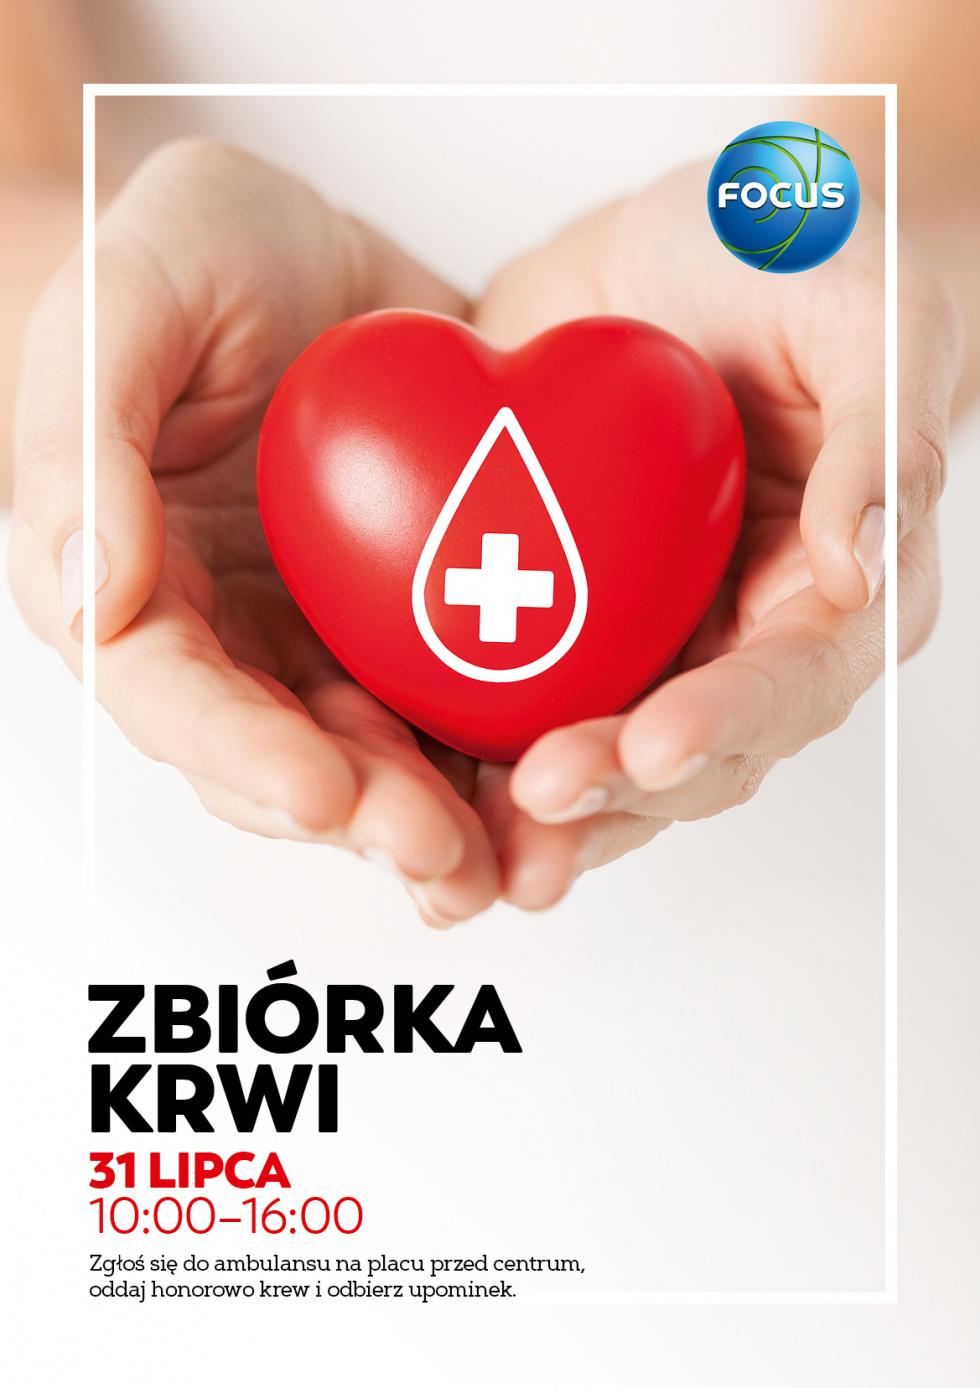 W sobotę przed Focusem będzie można oddać krew